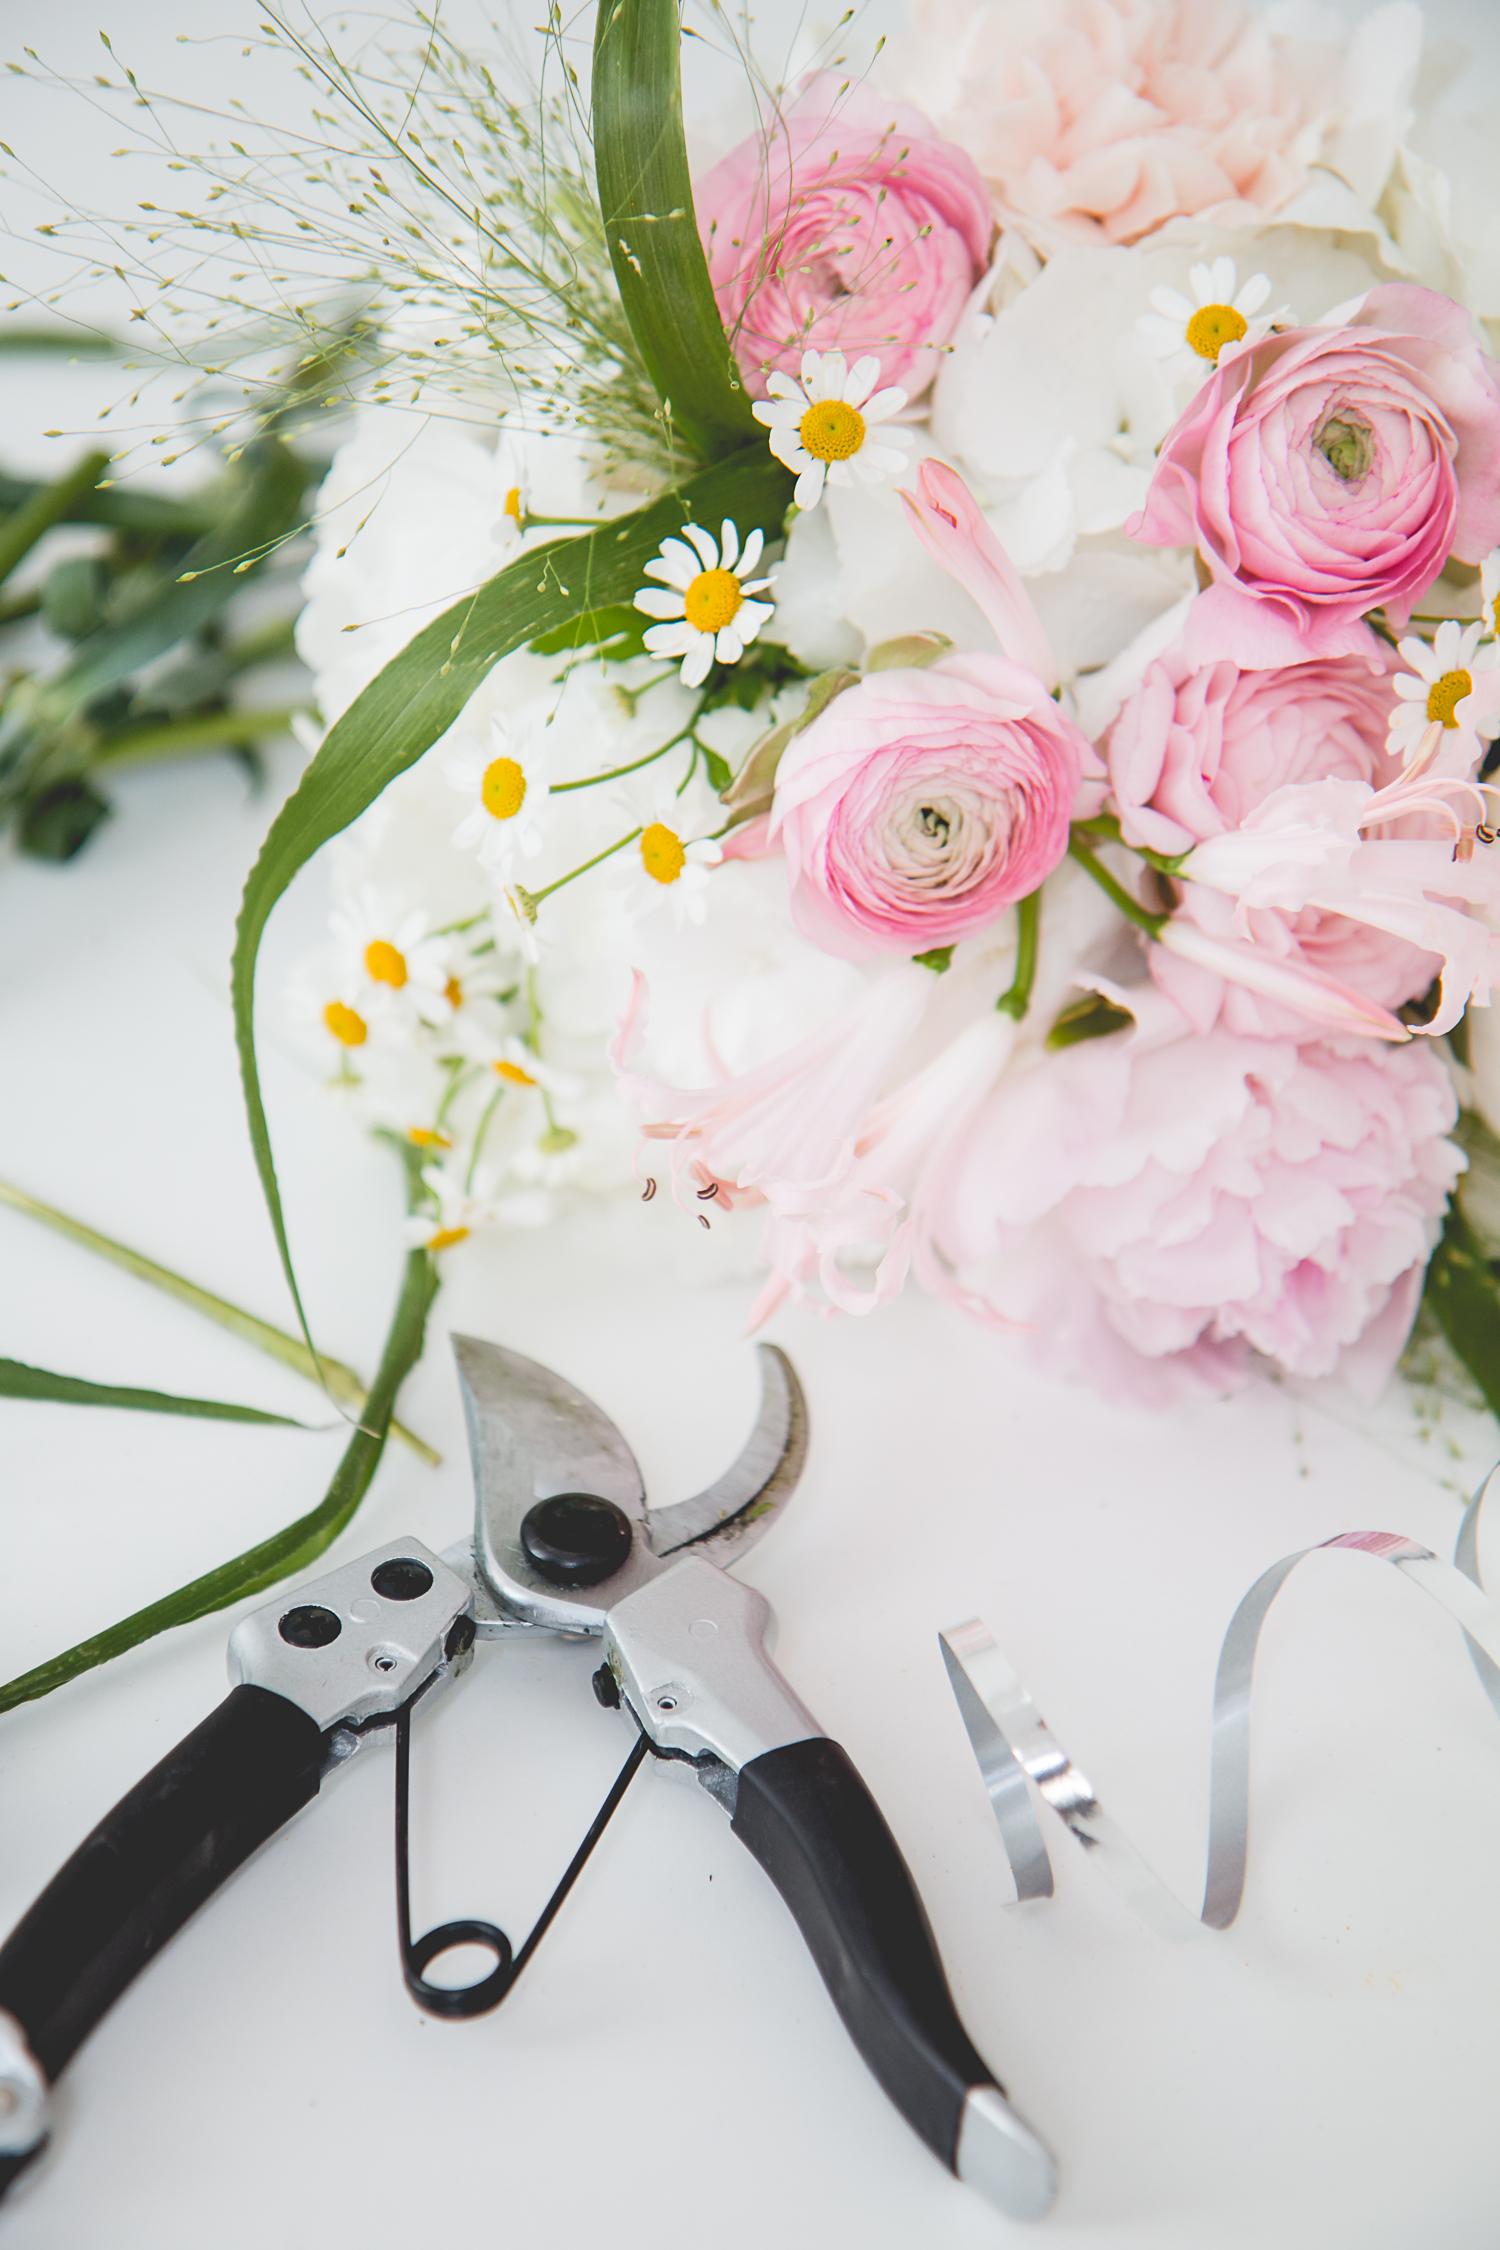 DIY: Bridesmaids Bouquets | The Daily DoseDIY: Bridesmaids Bouquets | The Daily Dose